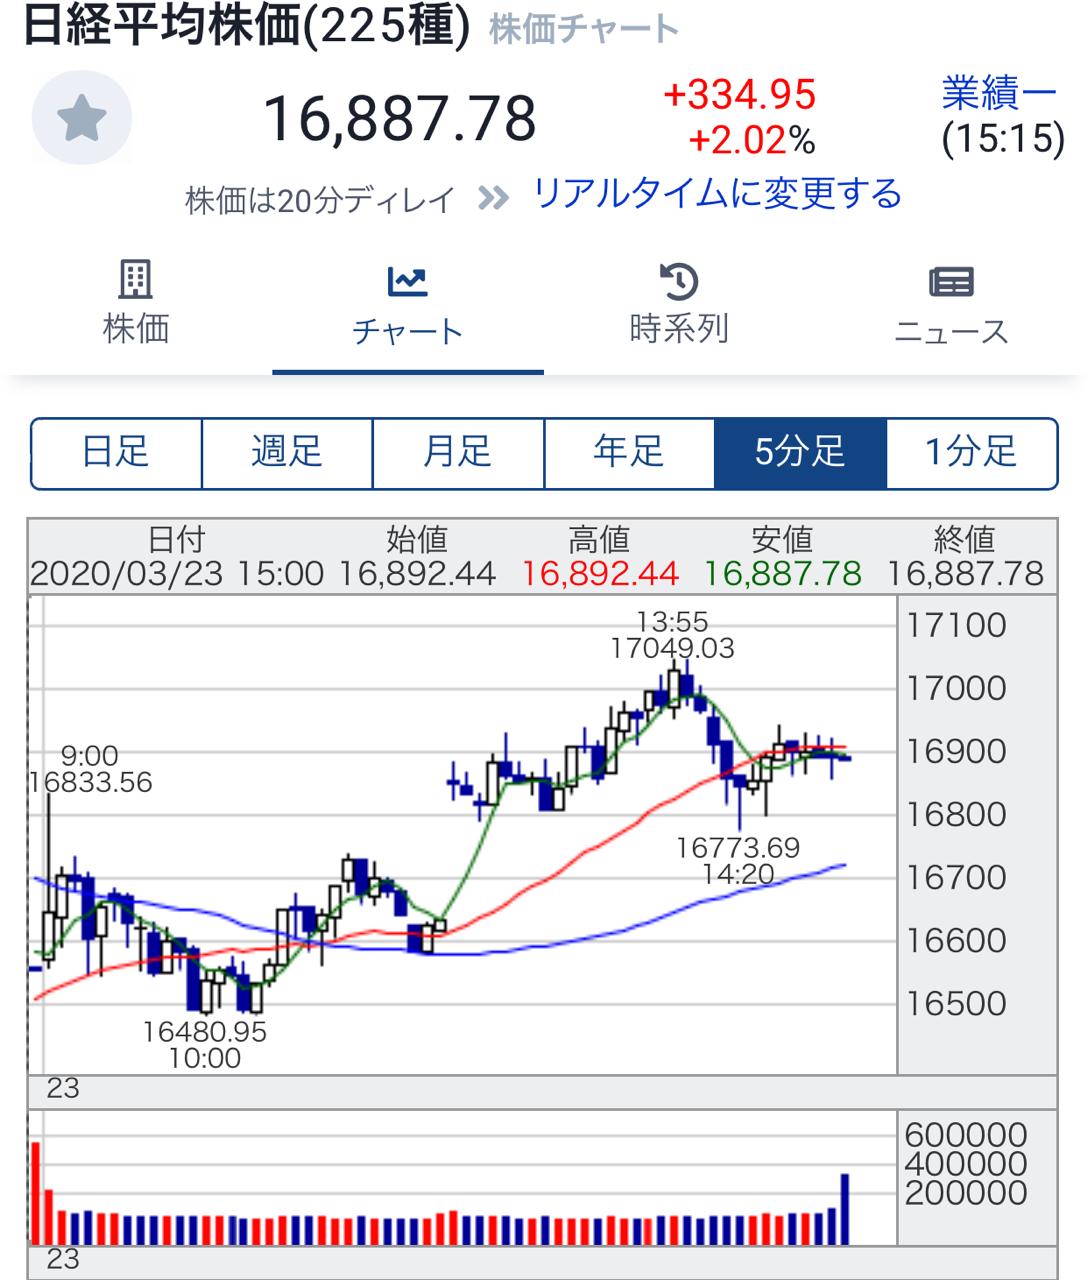 日経平均株価リアルタイム